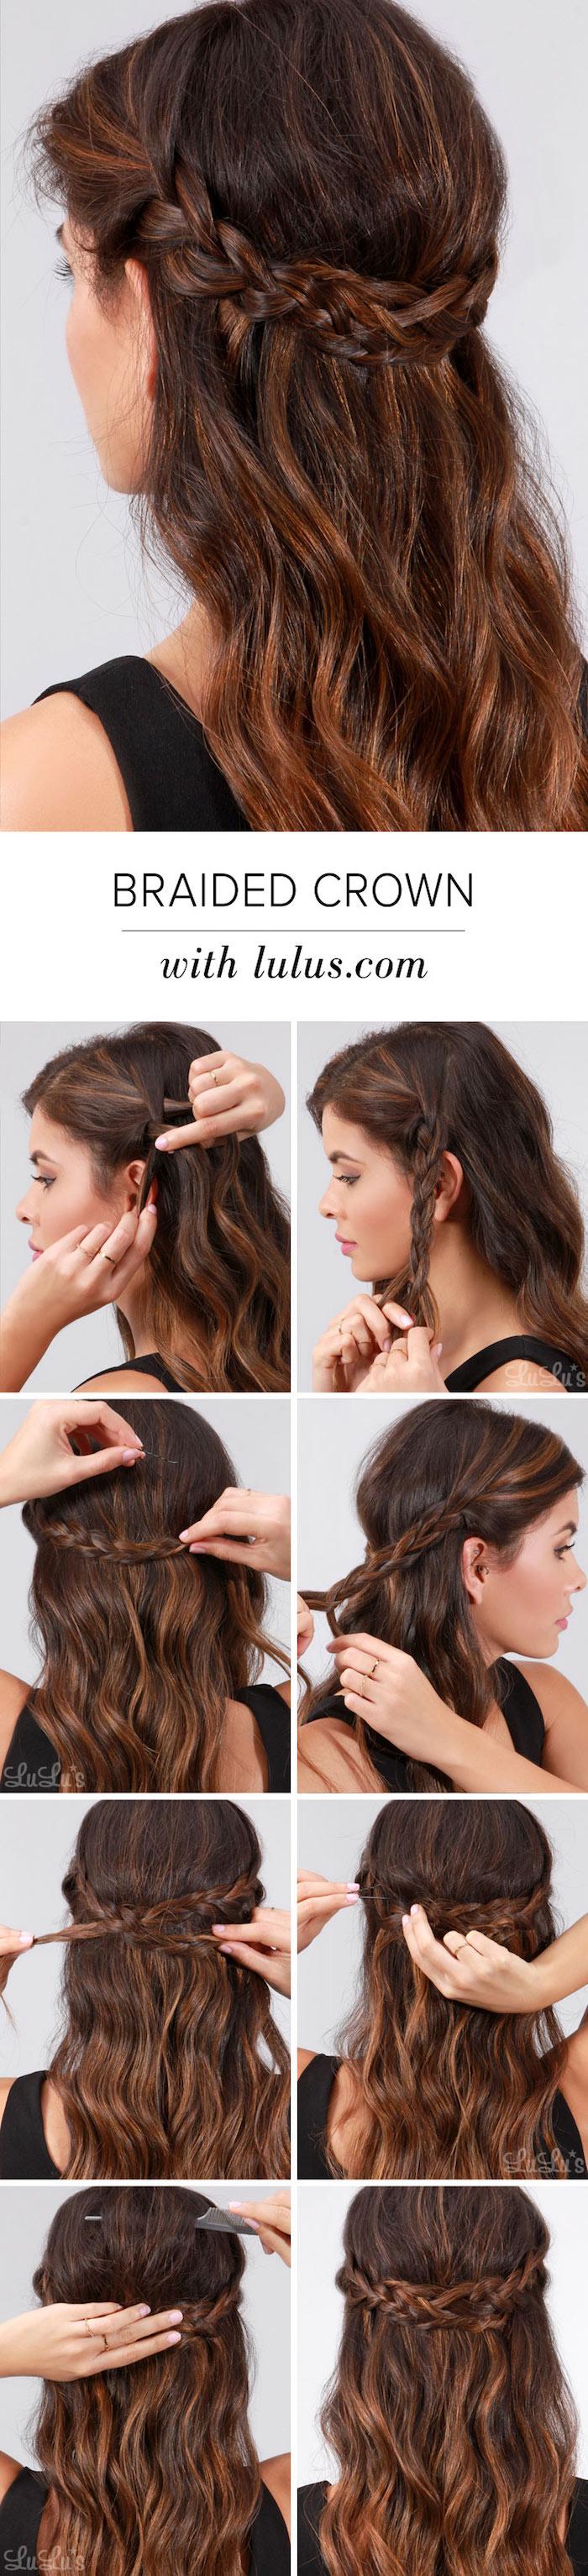 einfache frisuren für den alltag, braune lockige haare stylen, alltagsfrisur mit zopf, damenfrisuren